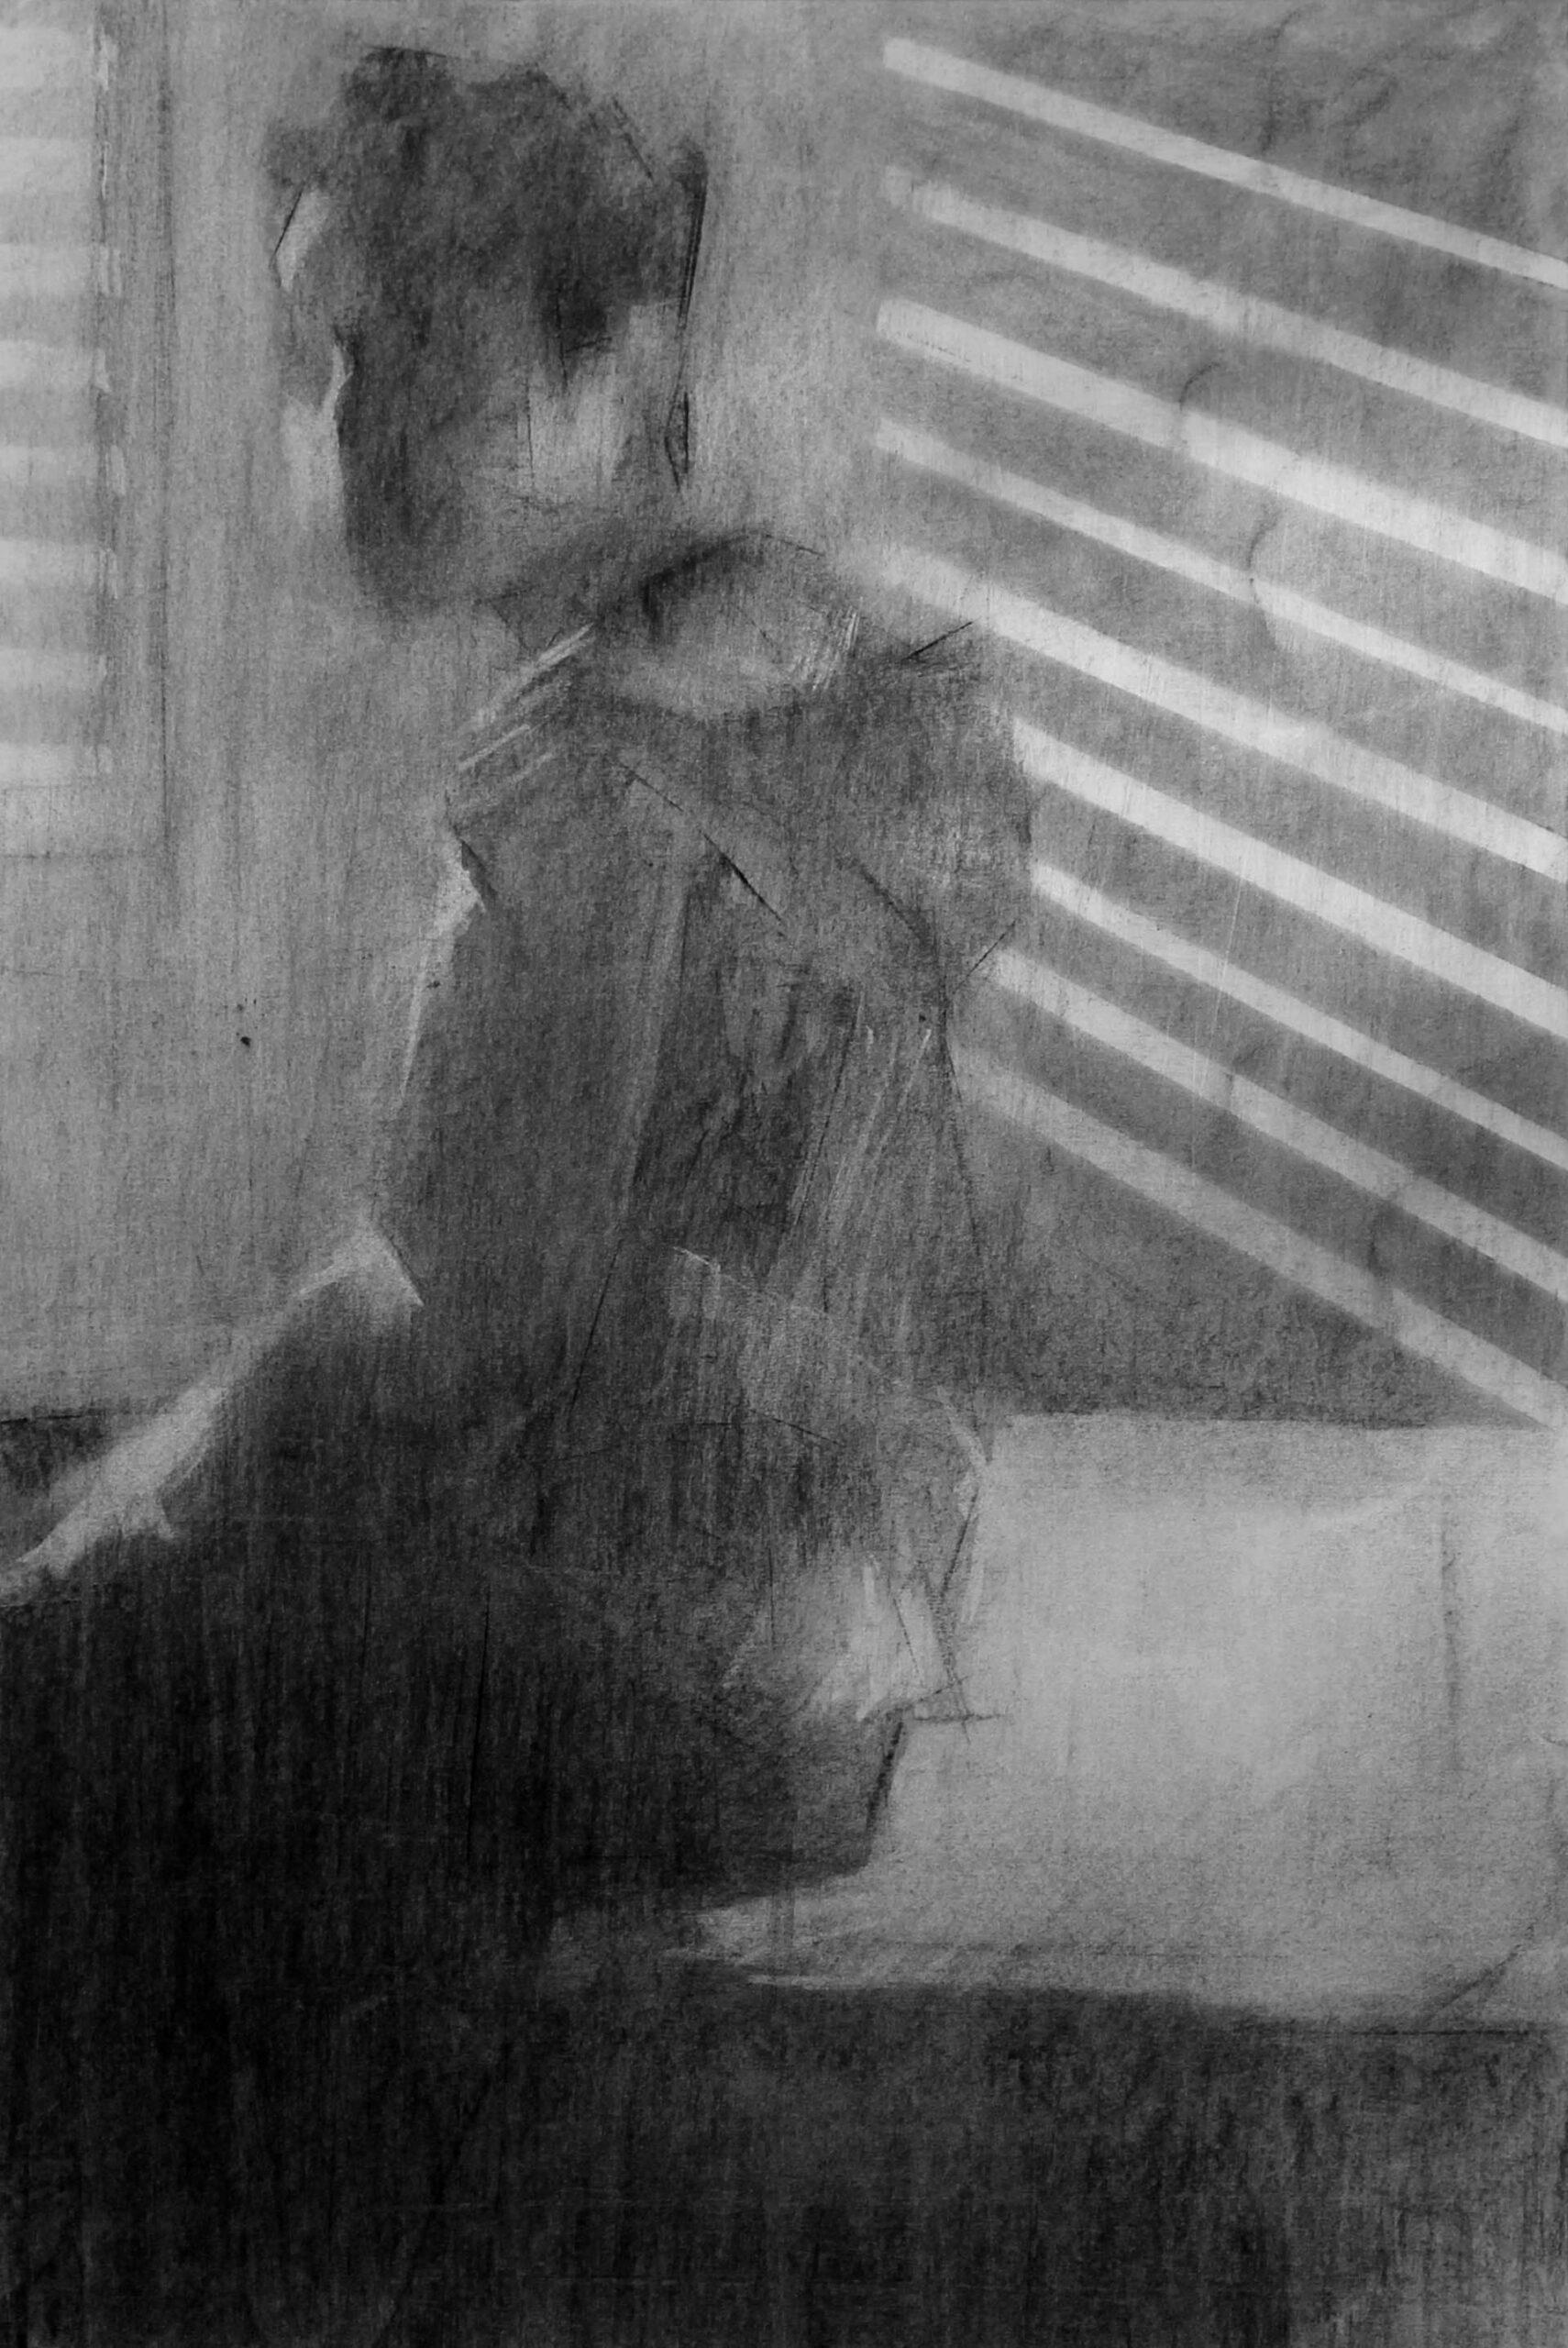 עותק-של-Tigist-Ron-Yoseph-HOME-Itay-2021-Charcoal-on-paper-70×50-cm